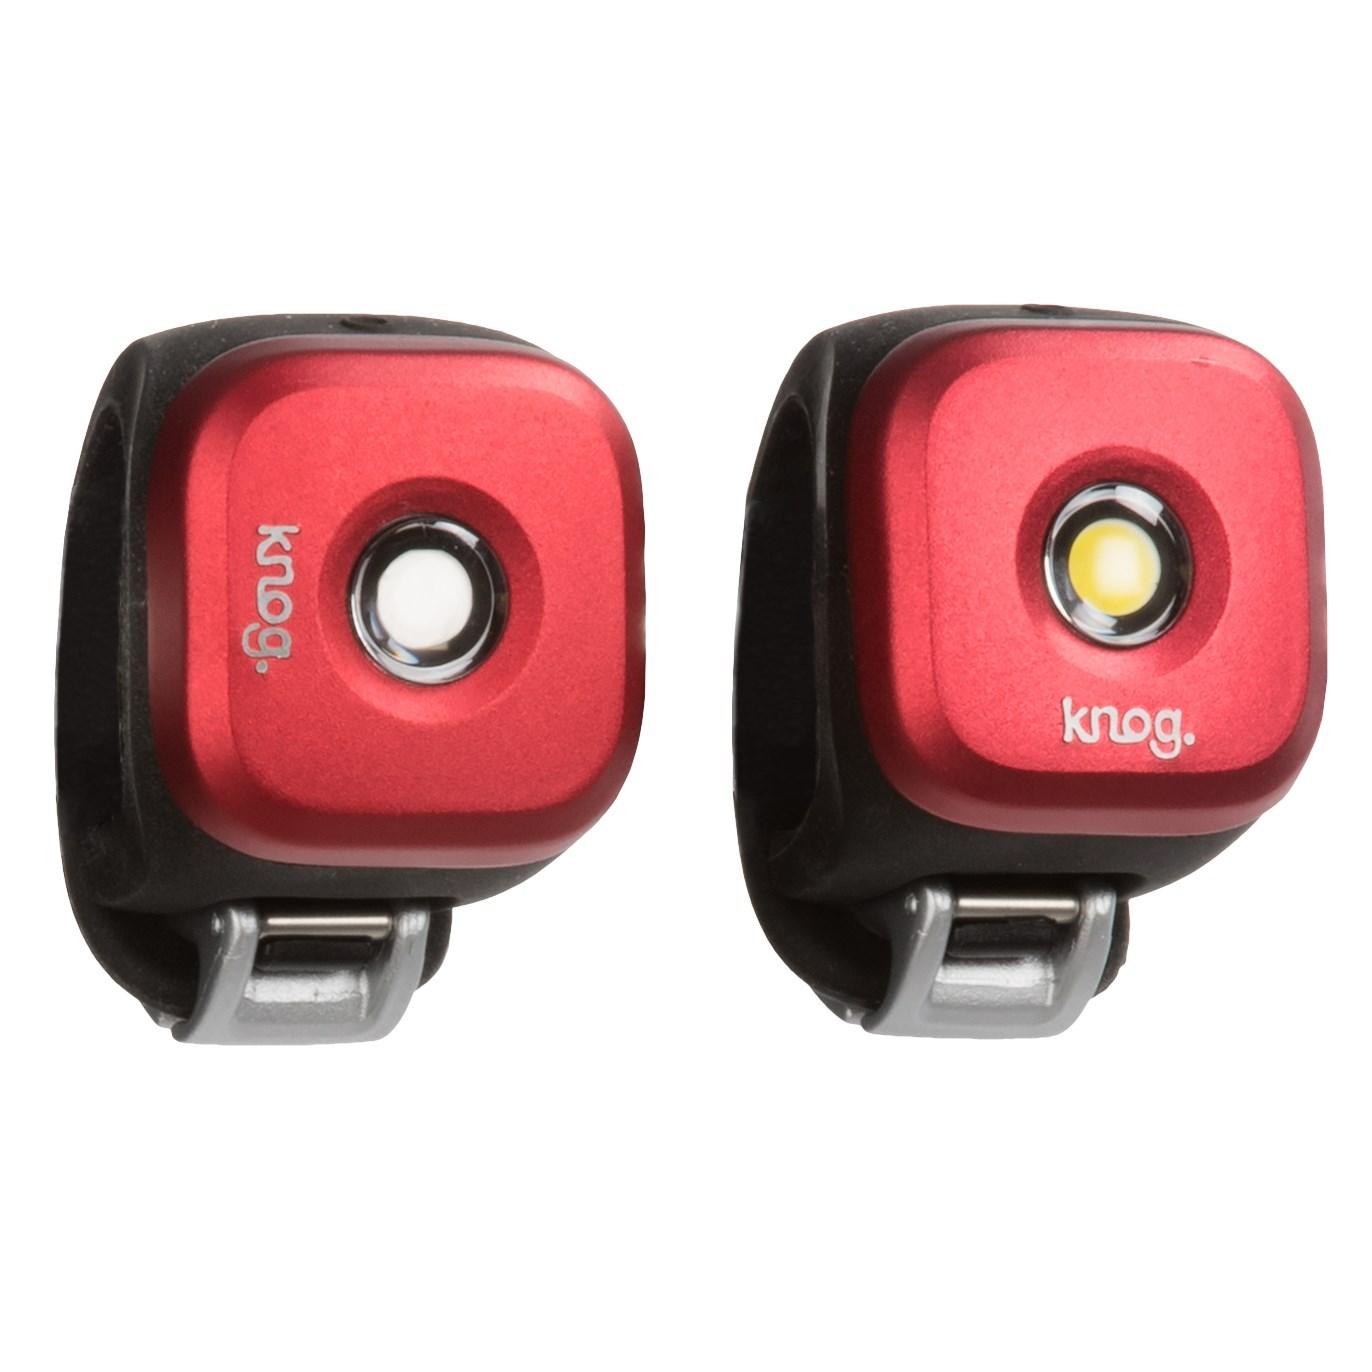 knog blinder 1 led bike lights twinpack save 46. Black Bedroom Furniture Sets. Home Design Ideas